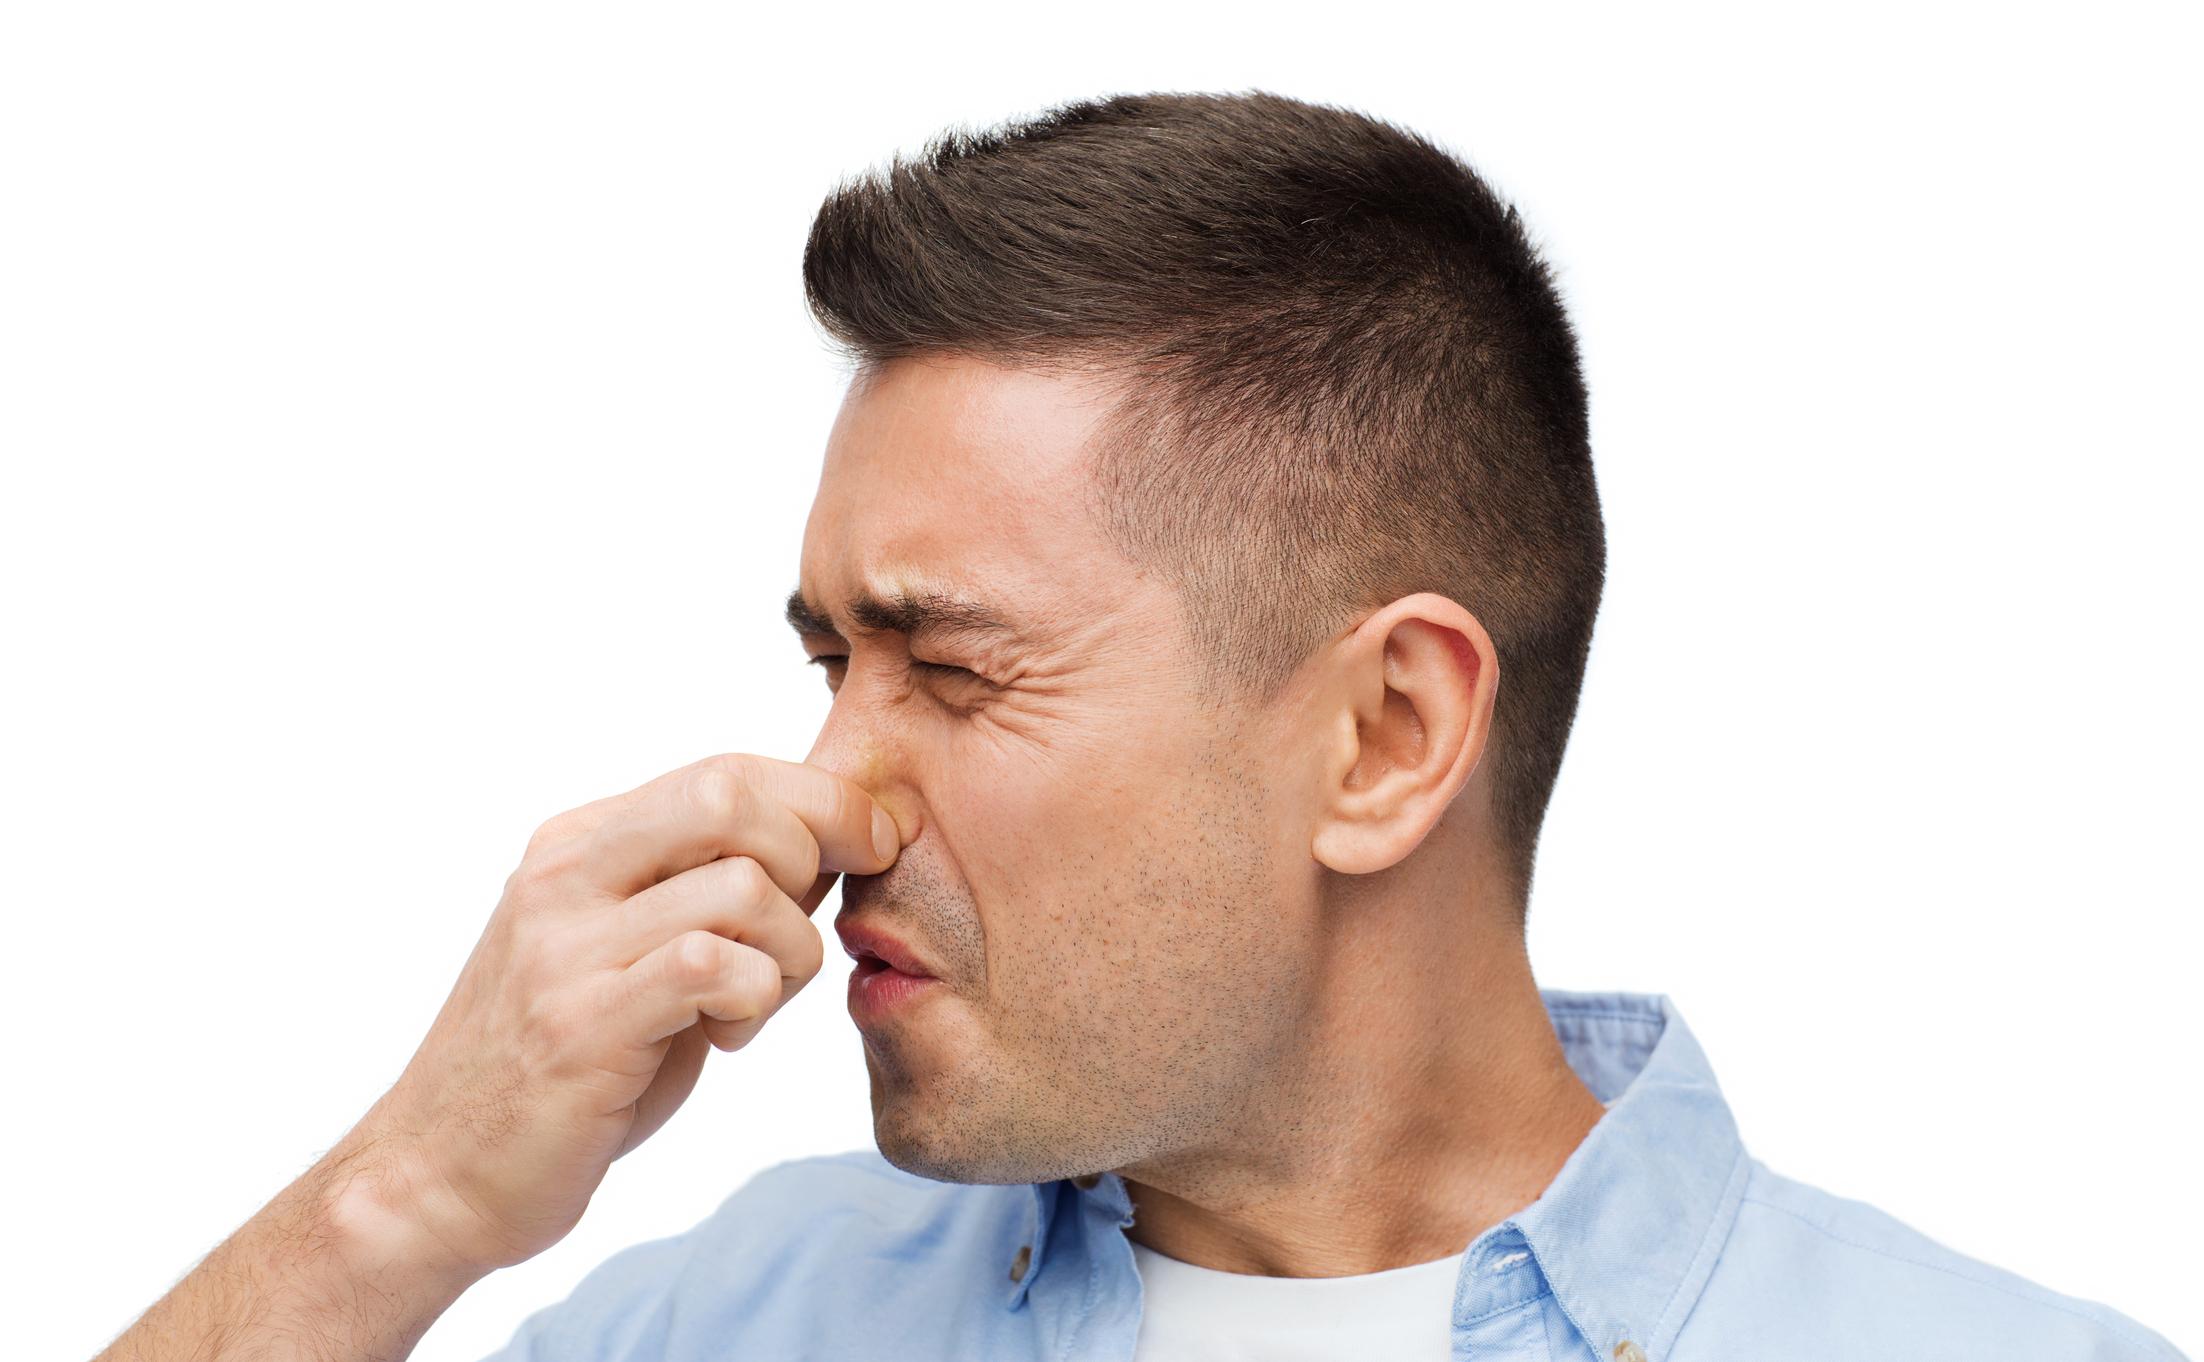 Az orrból származó rothadás szaga - Angina A szájból származó genny szaga okozza és